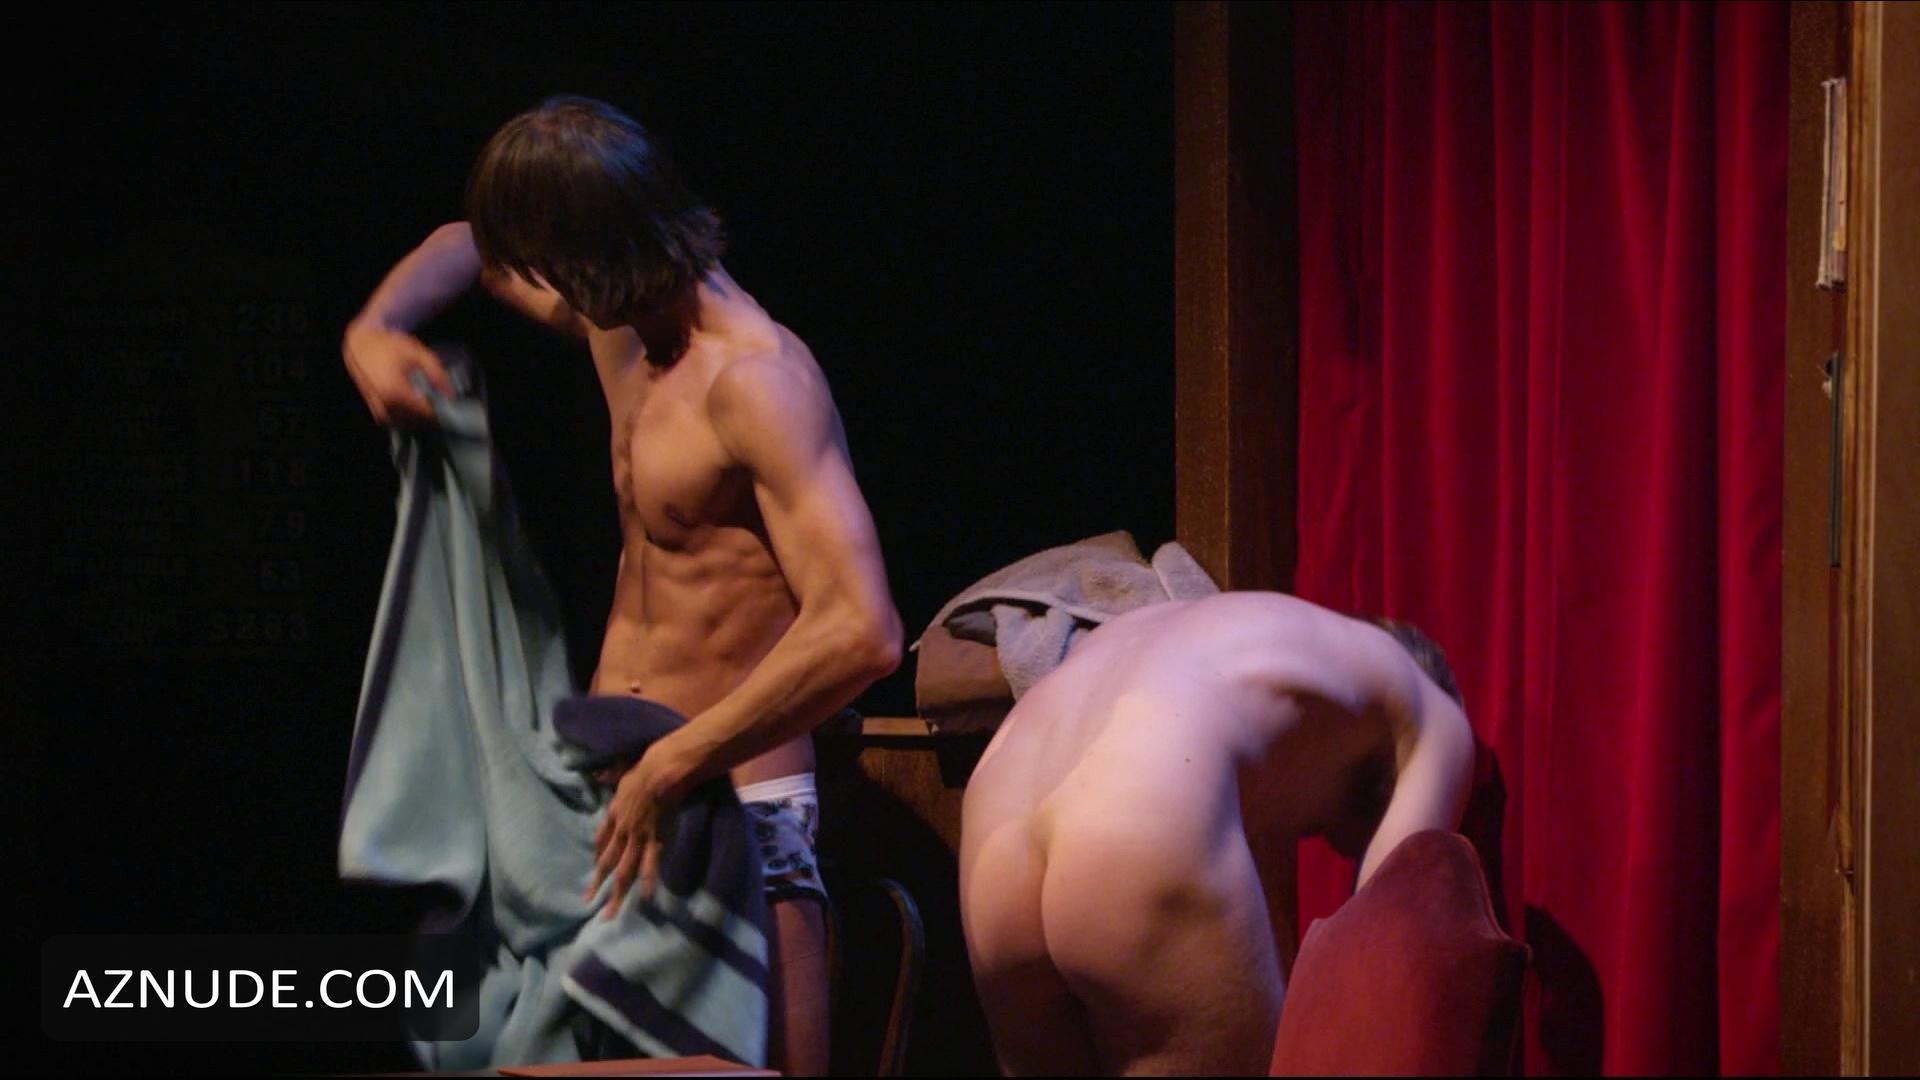 kenyas nude pics women